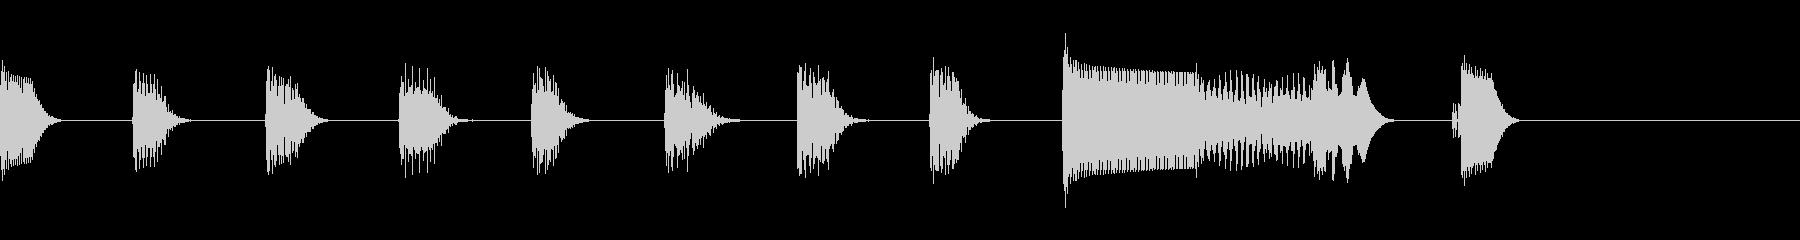 電子音の軽快なジングルの未再生の波形